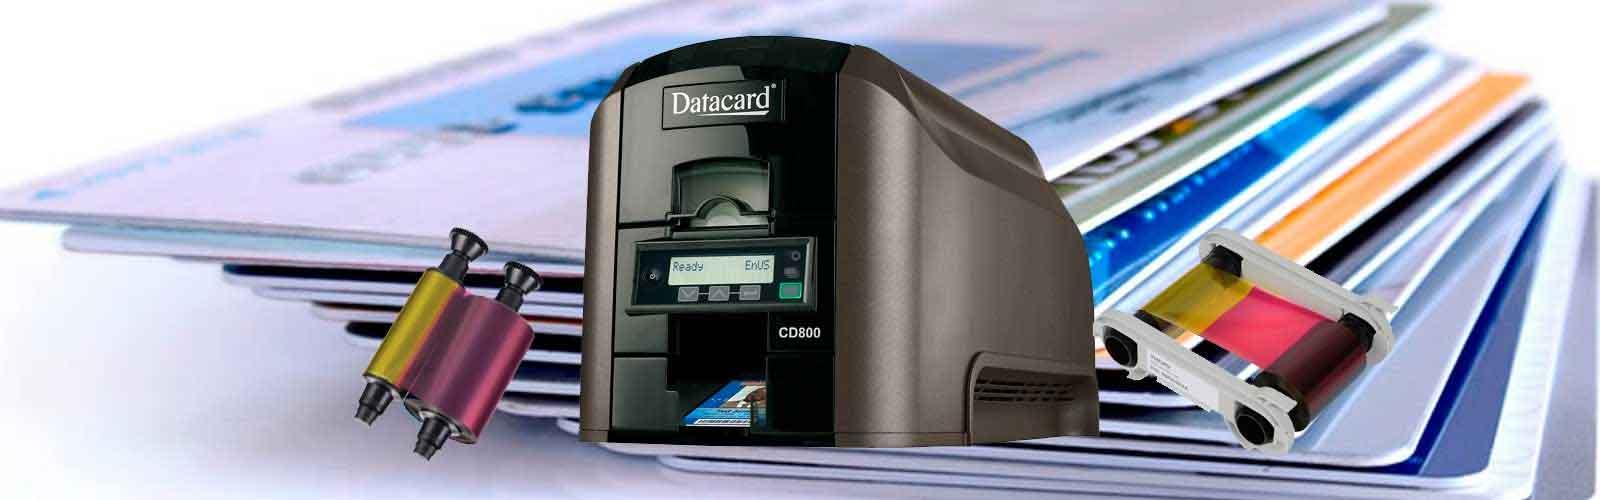 Impresoras de Tarjetas Datacard